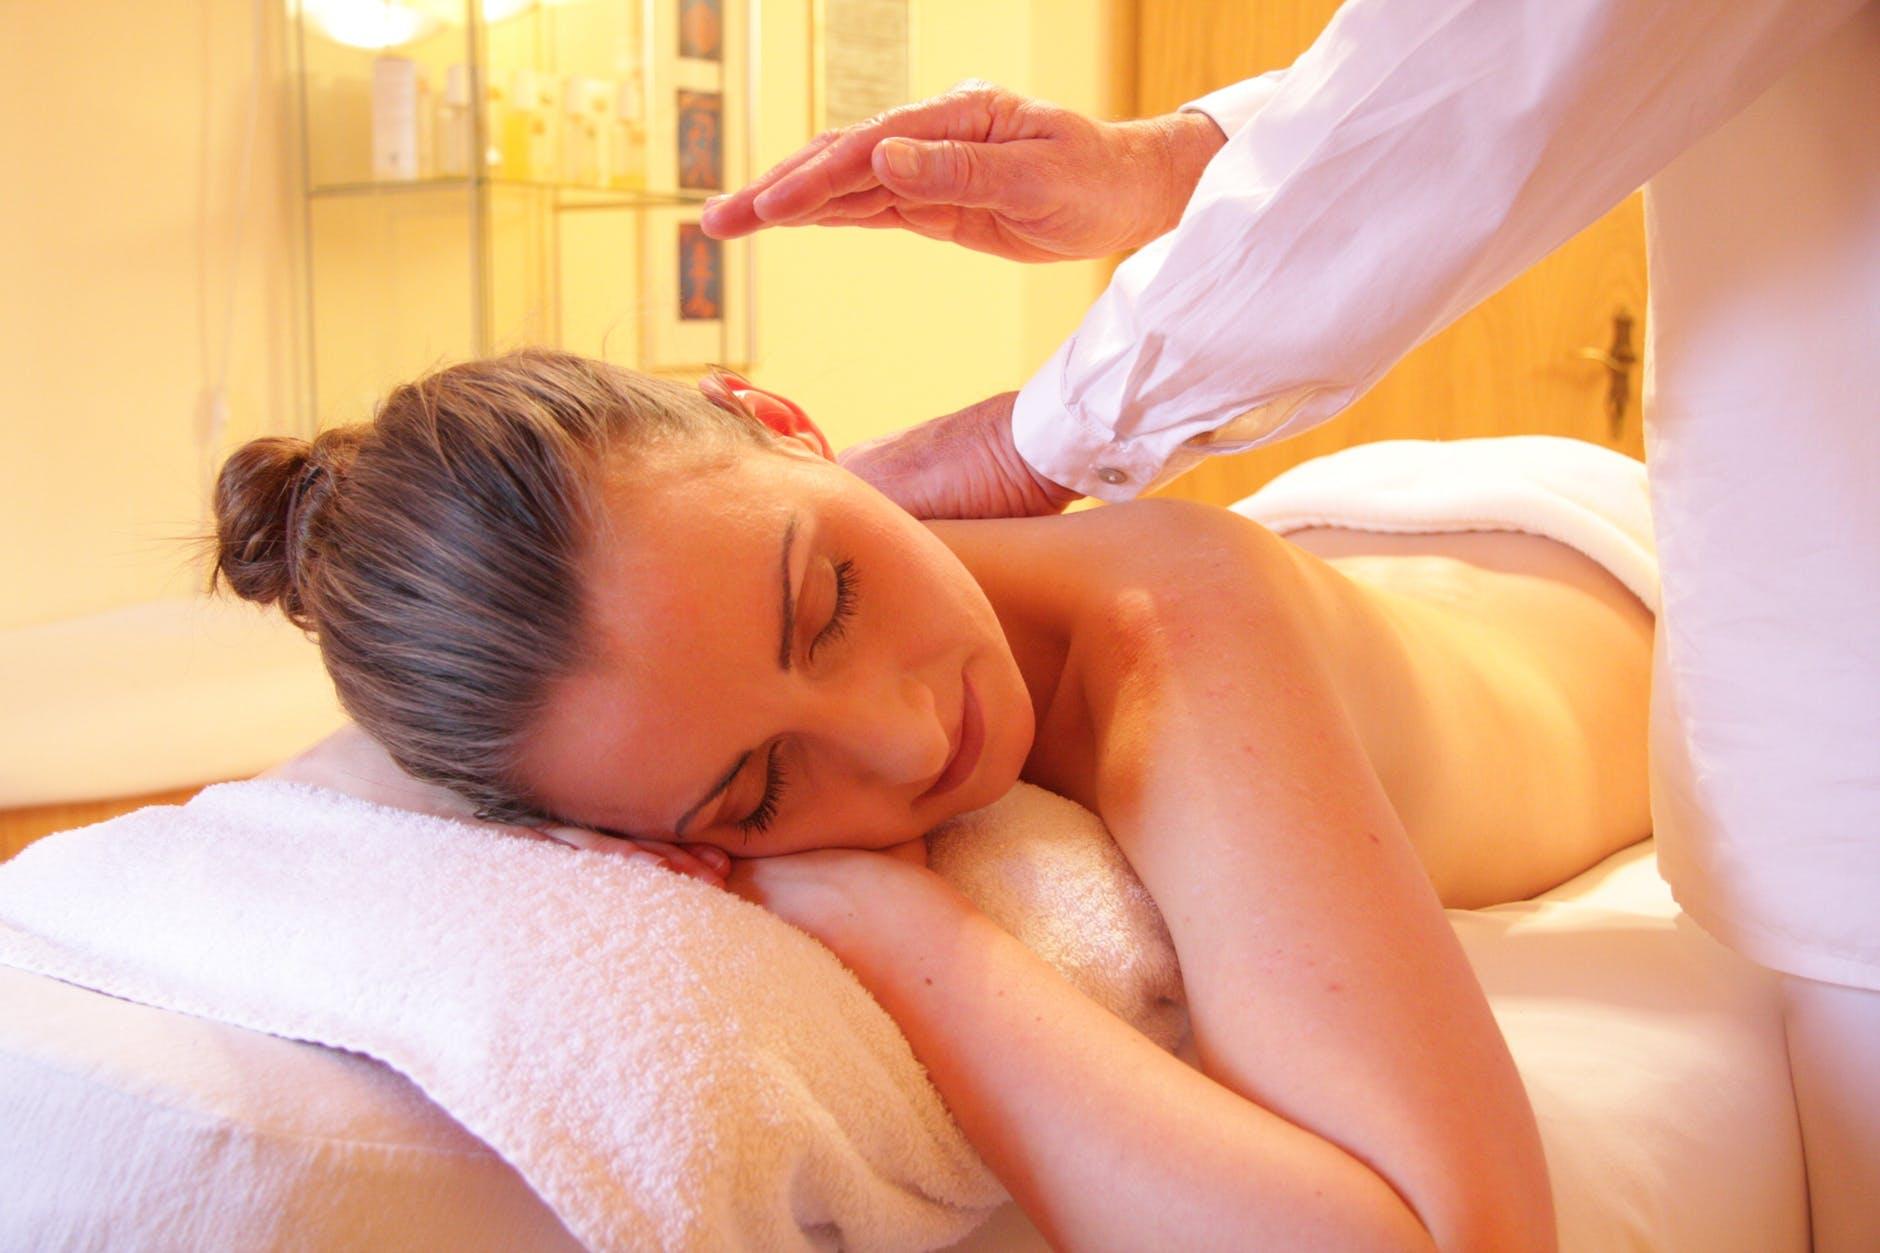 CBD-Cô gái đang massage.